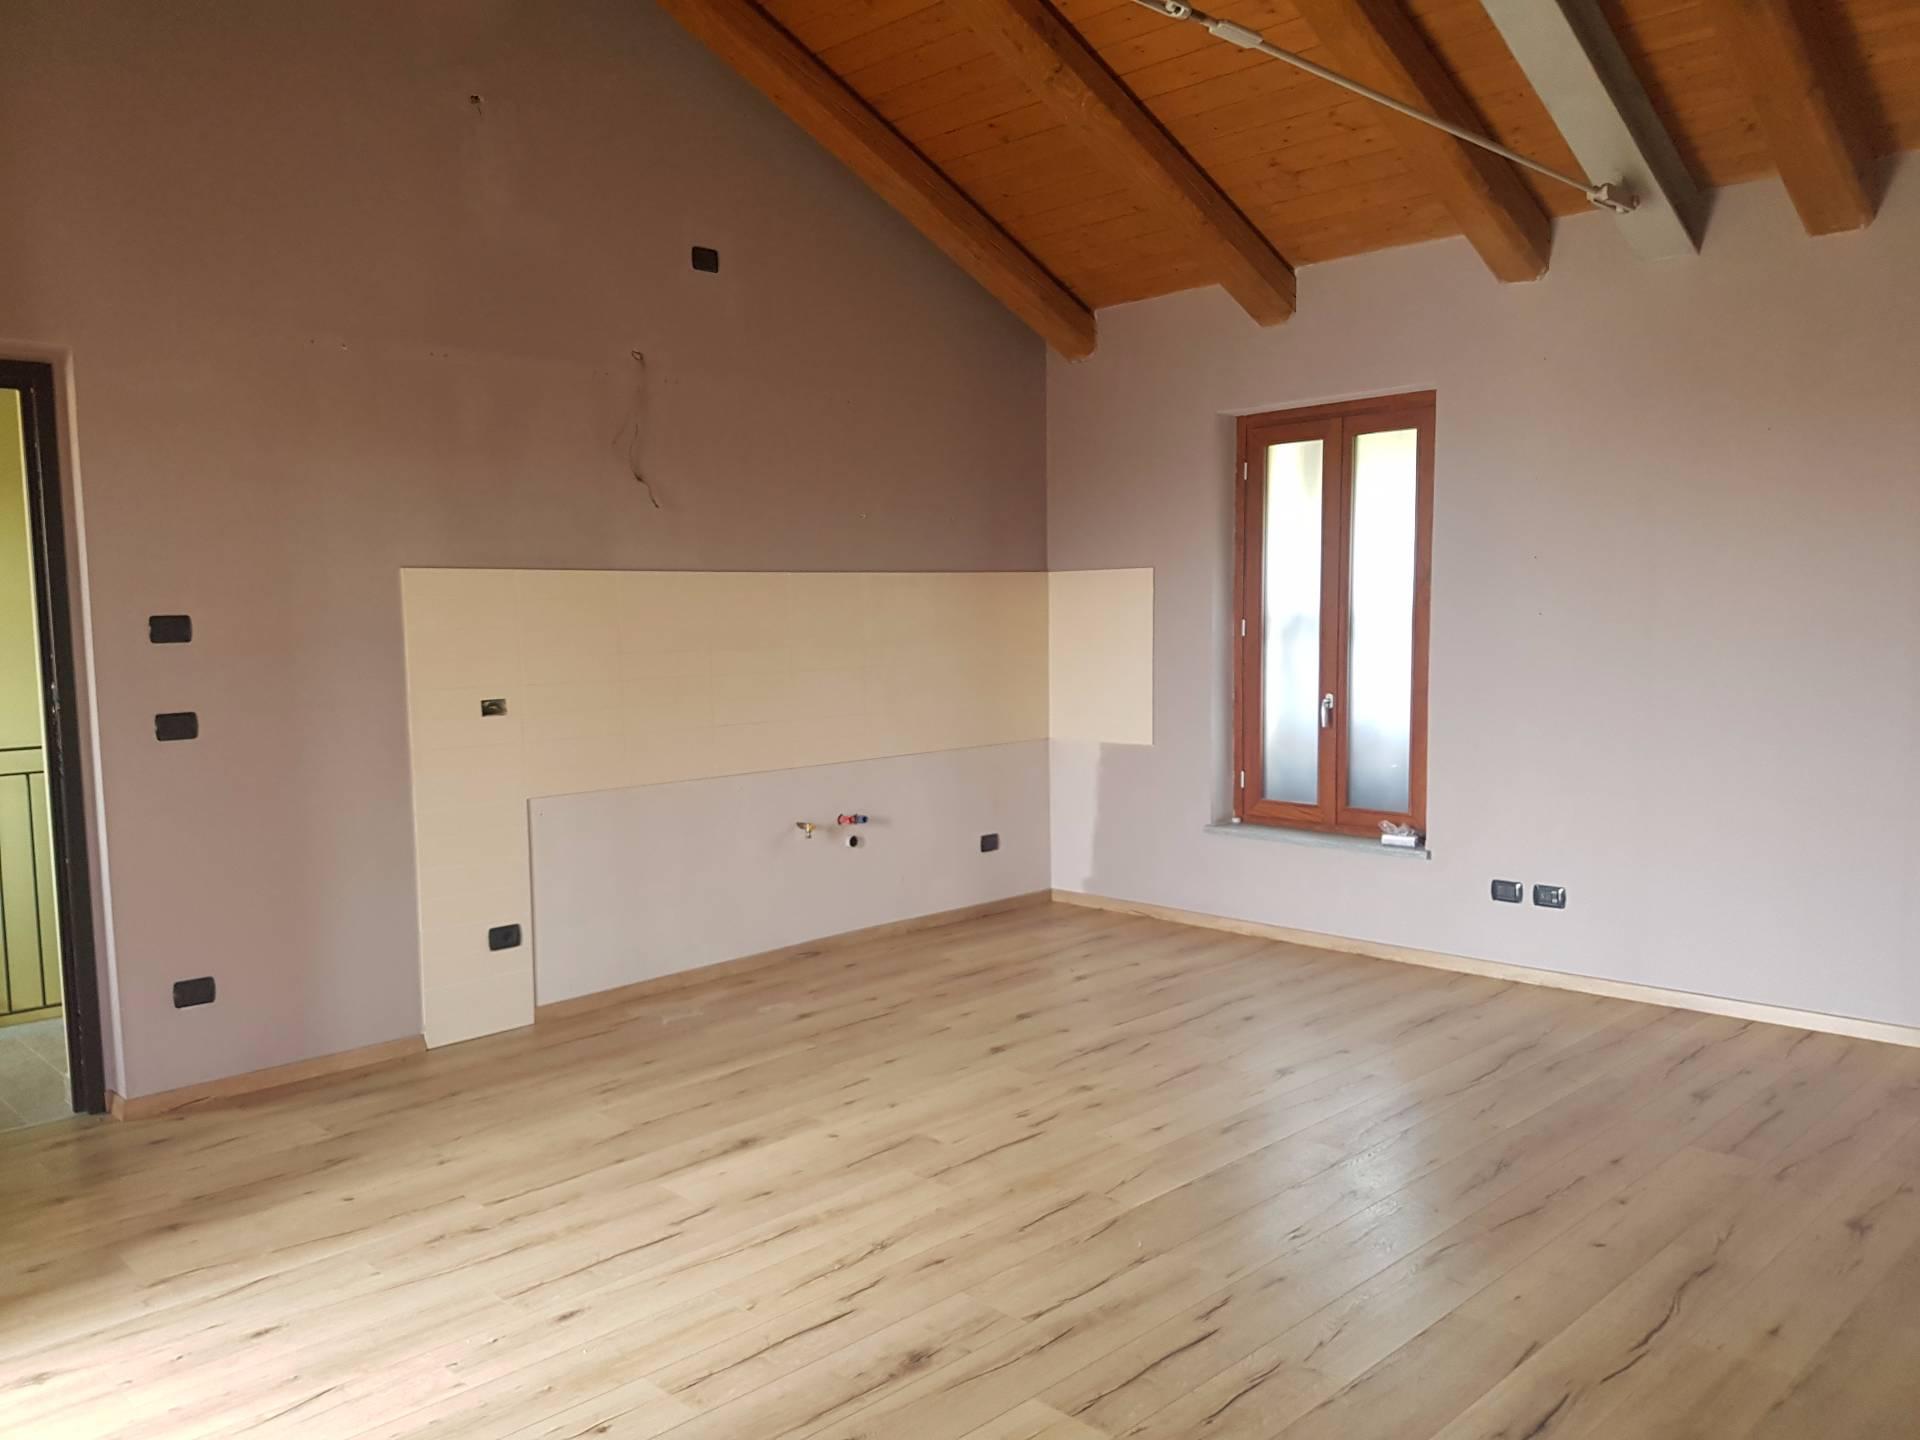 Appartamento in vendita a Sanfrè, 3 locali, prezzo € 85.000   PortaleAgenzieImmobiliari.it